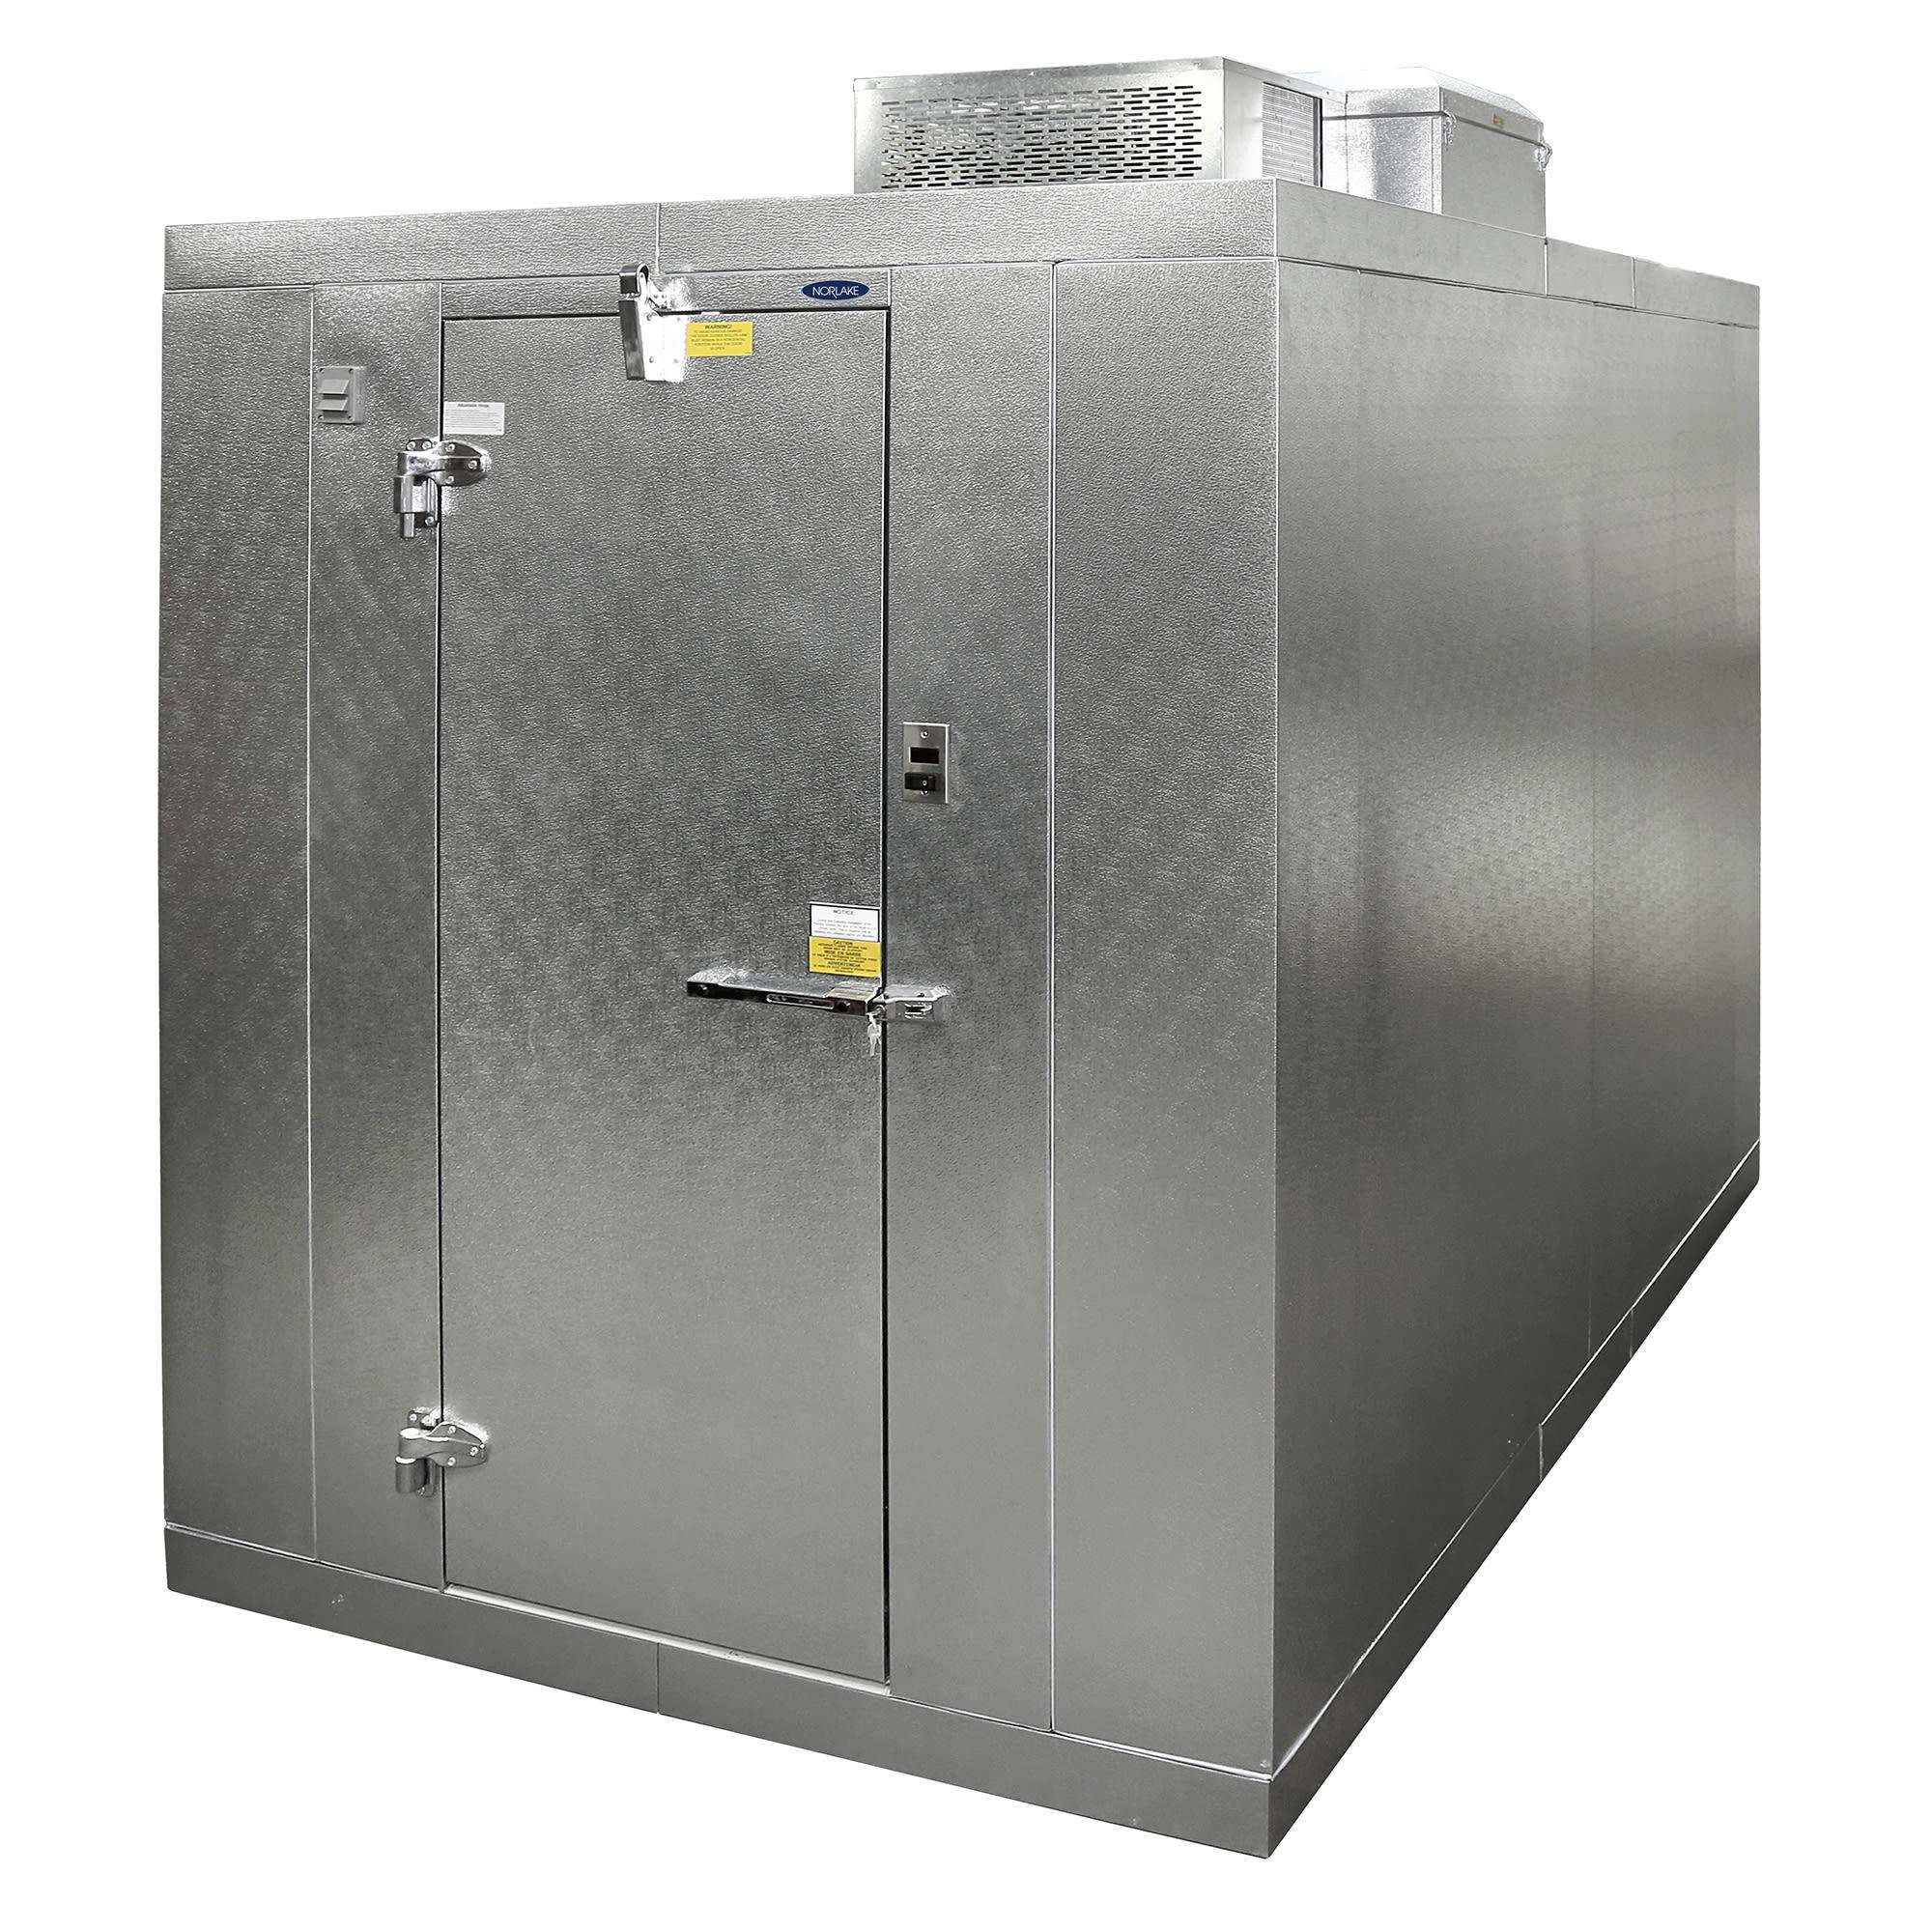 Norlake KLB74812-C L Indoor Walk-In Refrigerator w/ Top Mount Compressor, 8' x 12', No Floor